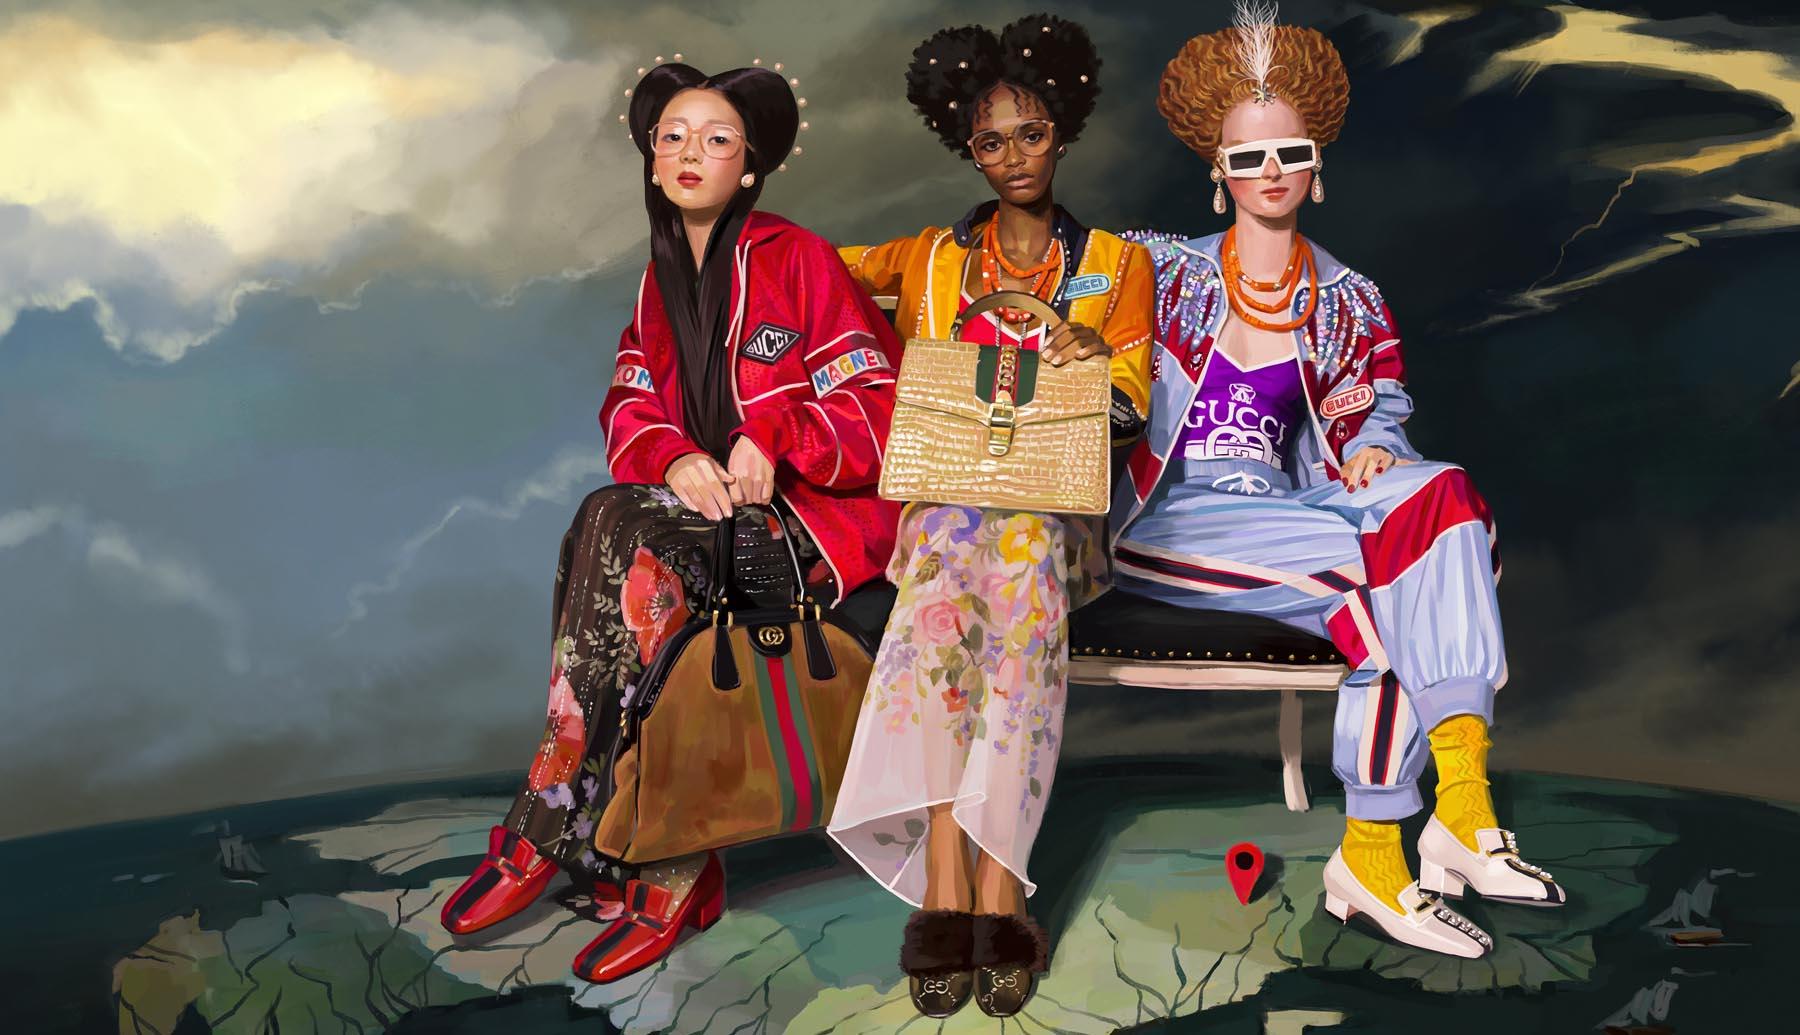 Gucci-spring-2018-ad-campaign-the-impression-13